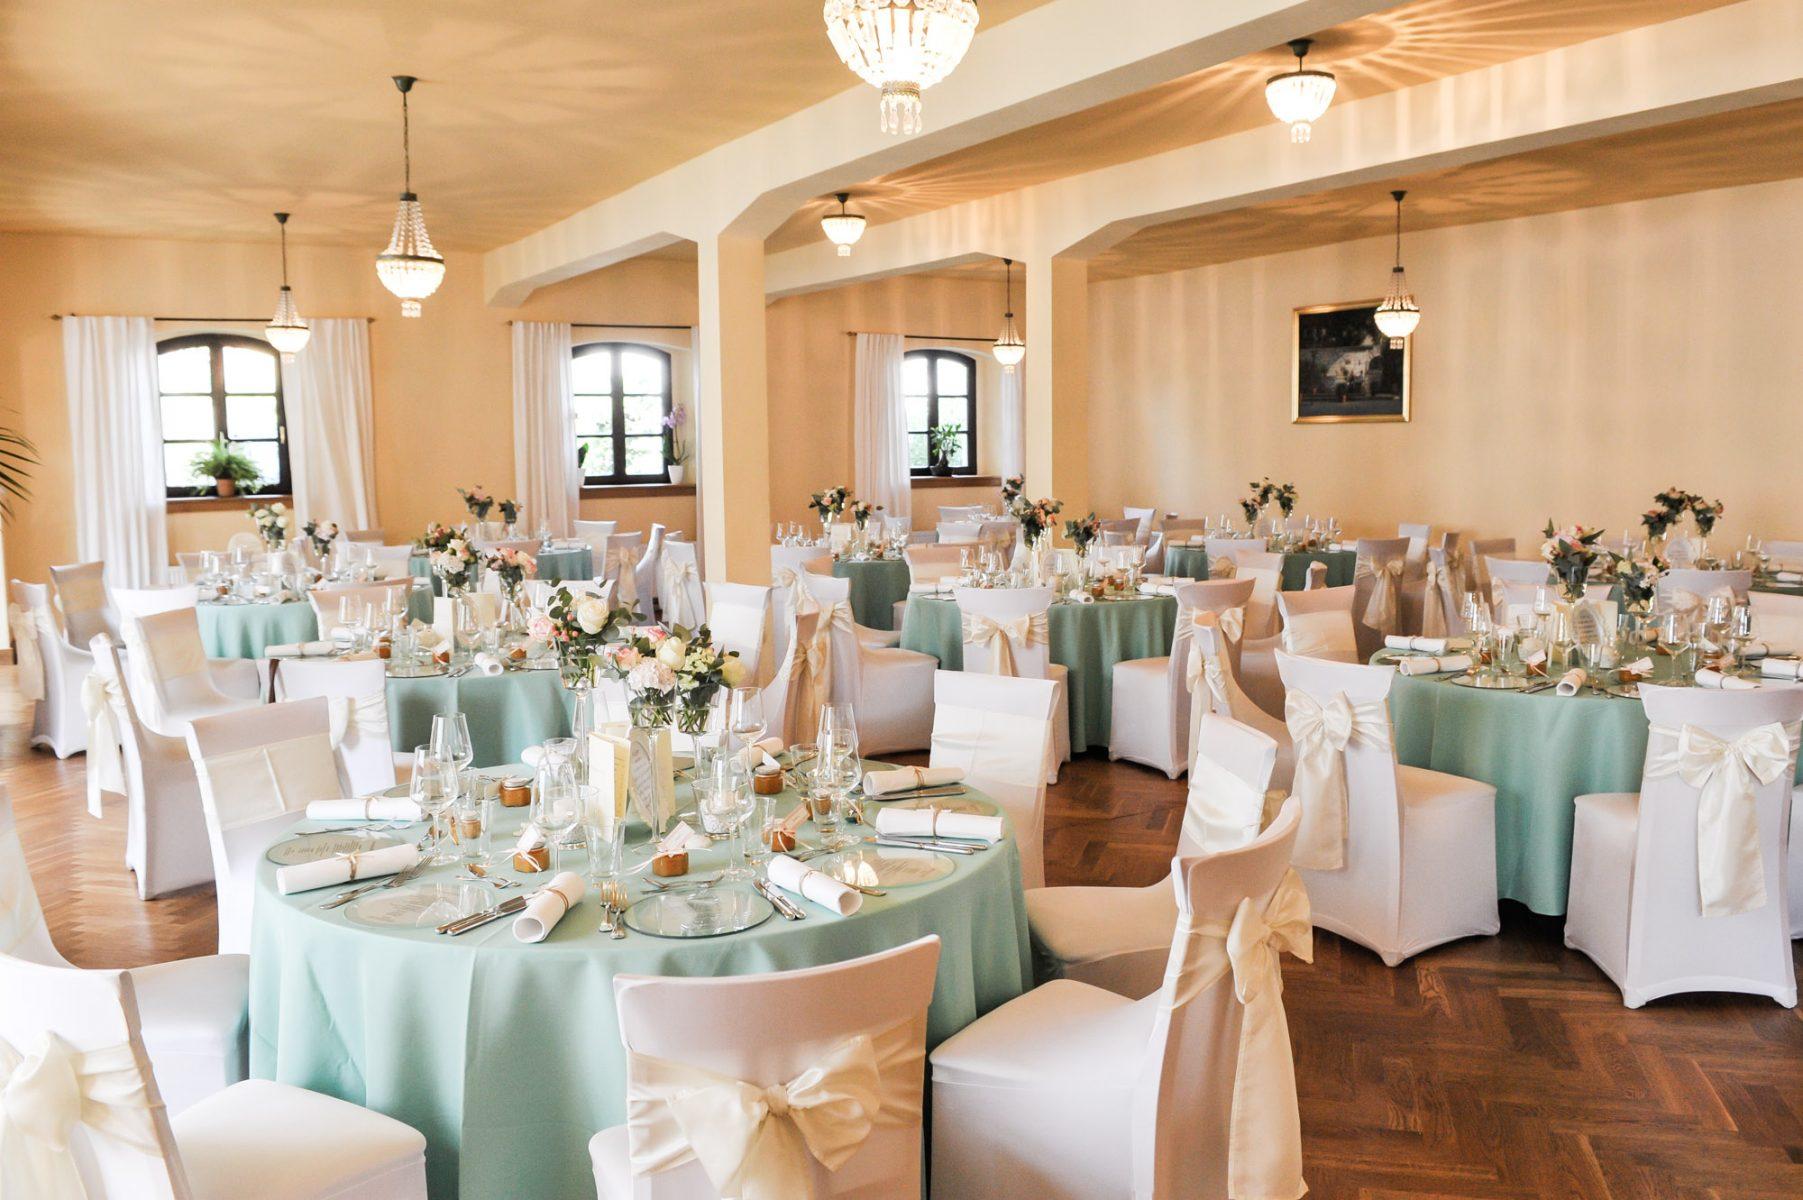 Hochzeit Feier  B2000 10 1803x1200 - FEIER